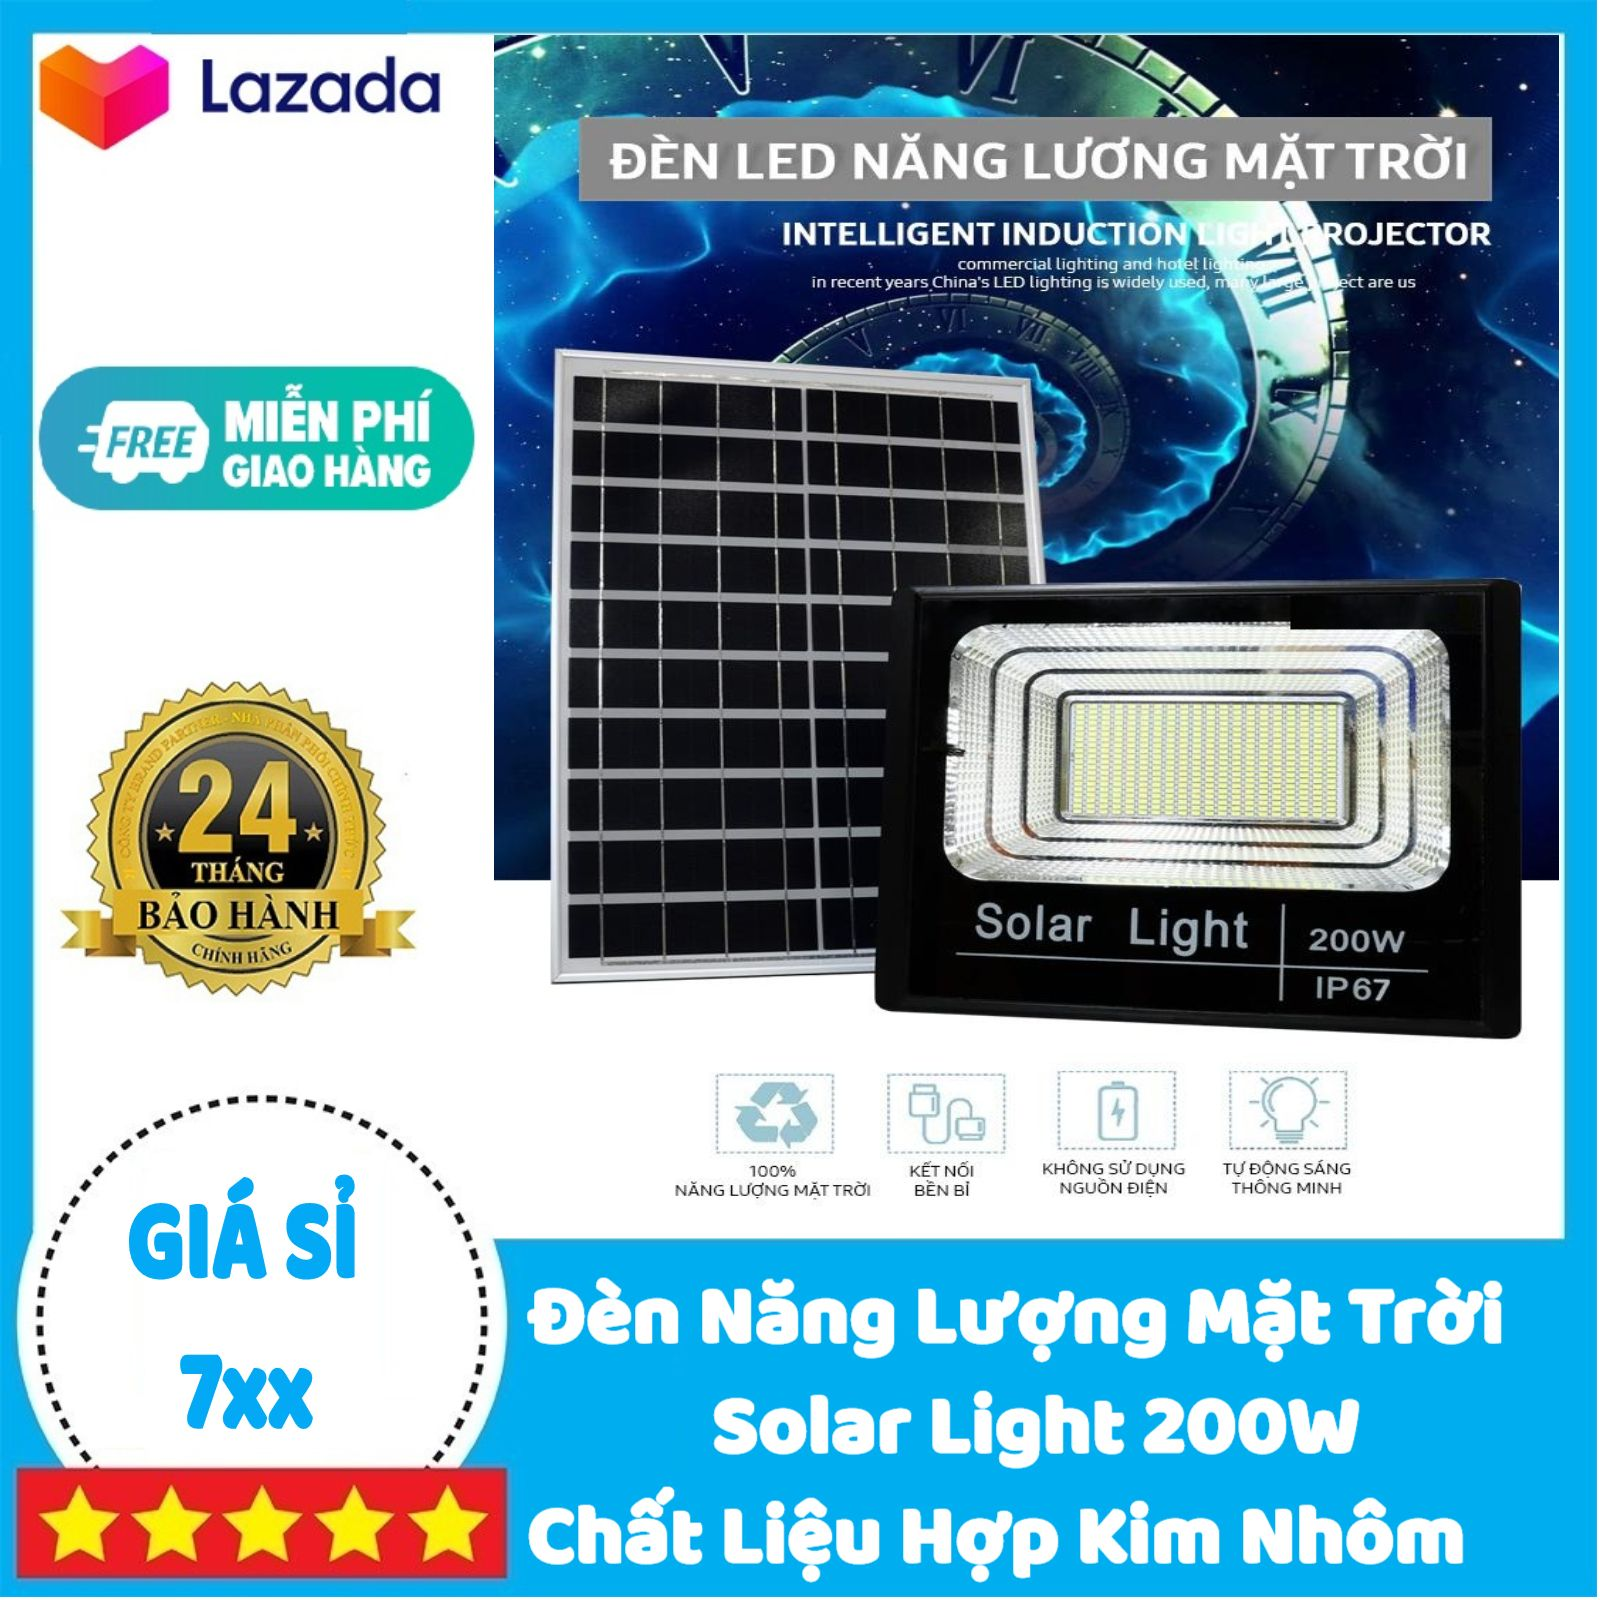 Đèn Năng Lượng Mặt Trời 200W Solar Light - Hợp Kim Nhôm | BẢO HÀNH 2 NĂM | Sản phẩm...